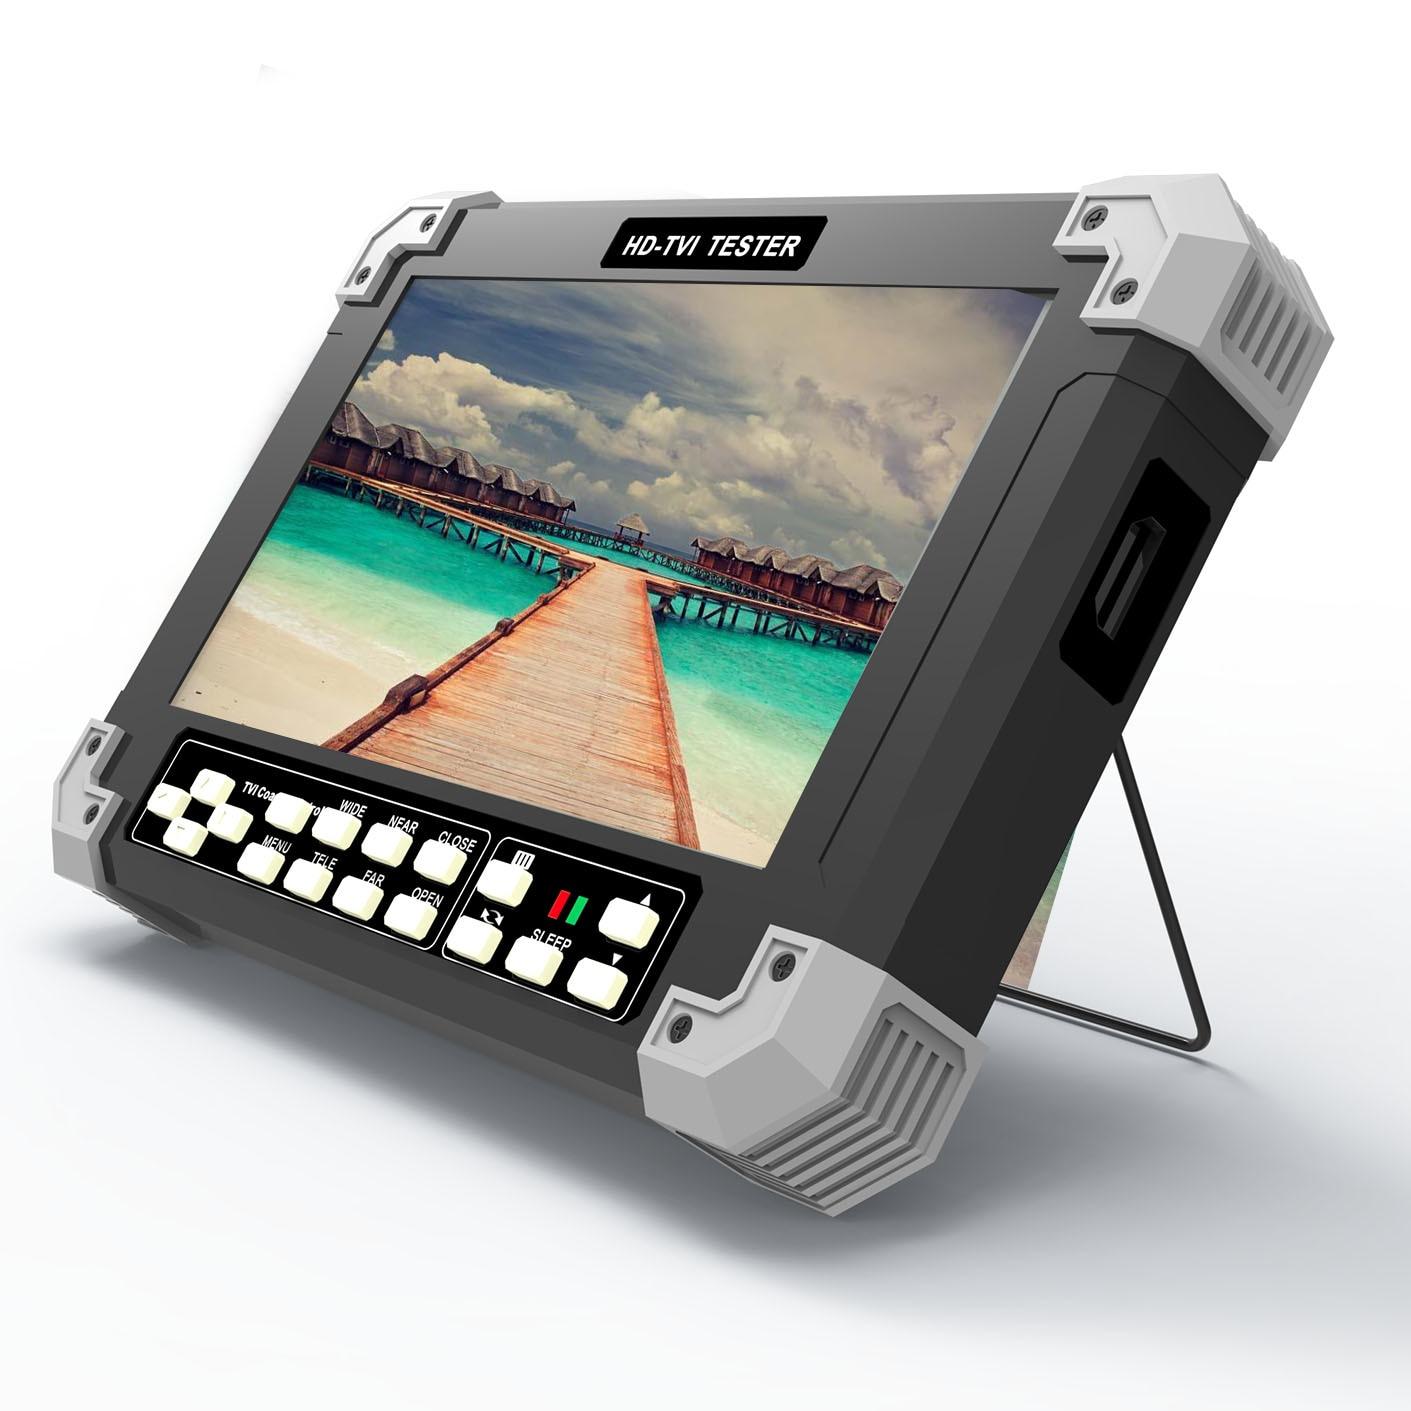 X42TAC DHL การจัดส่งสินค้า 5MP AHD - ความปลอดภัยและการป้องกัน